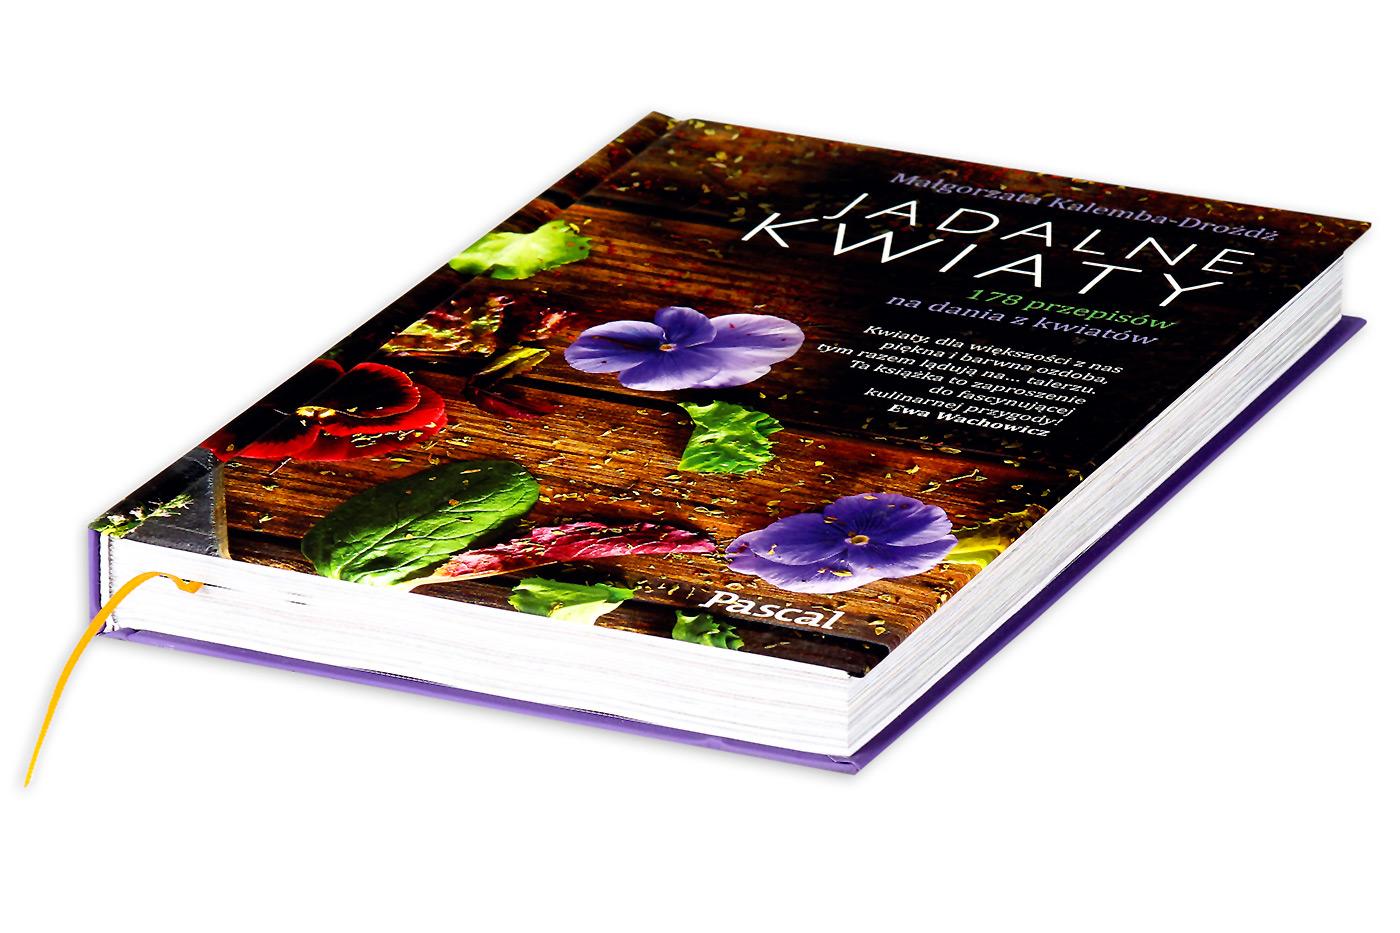 Jadalne kwiaty. 178 przepisow na dania z kwiatow